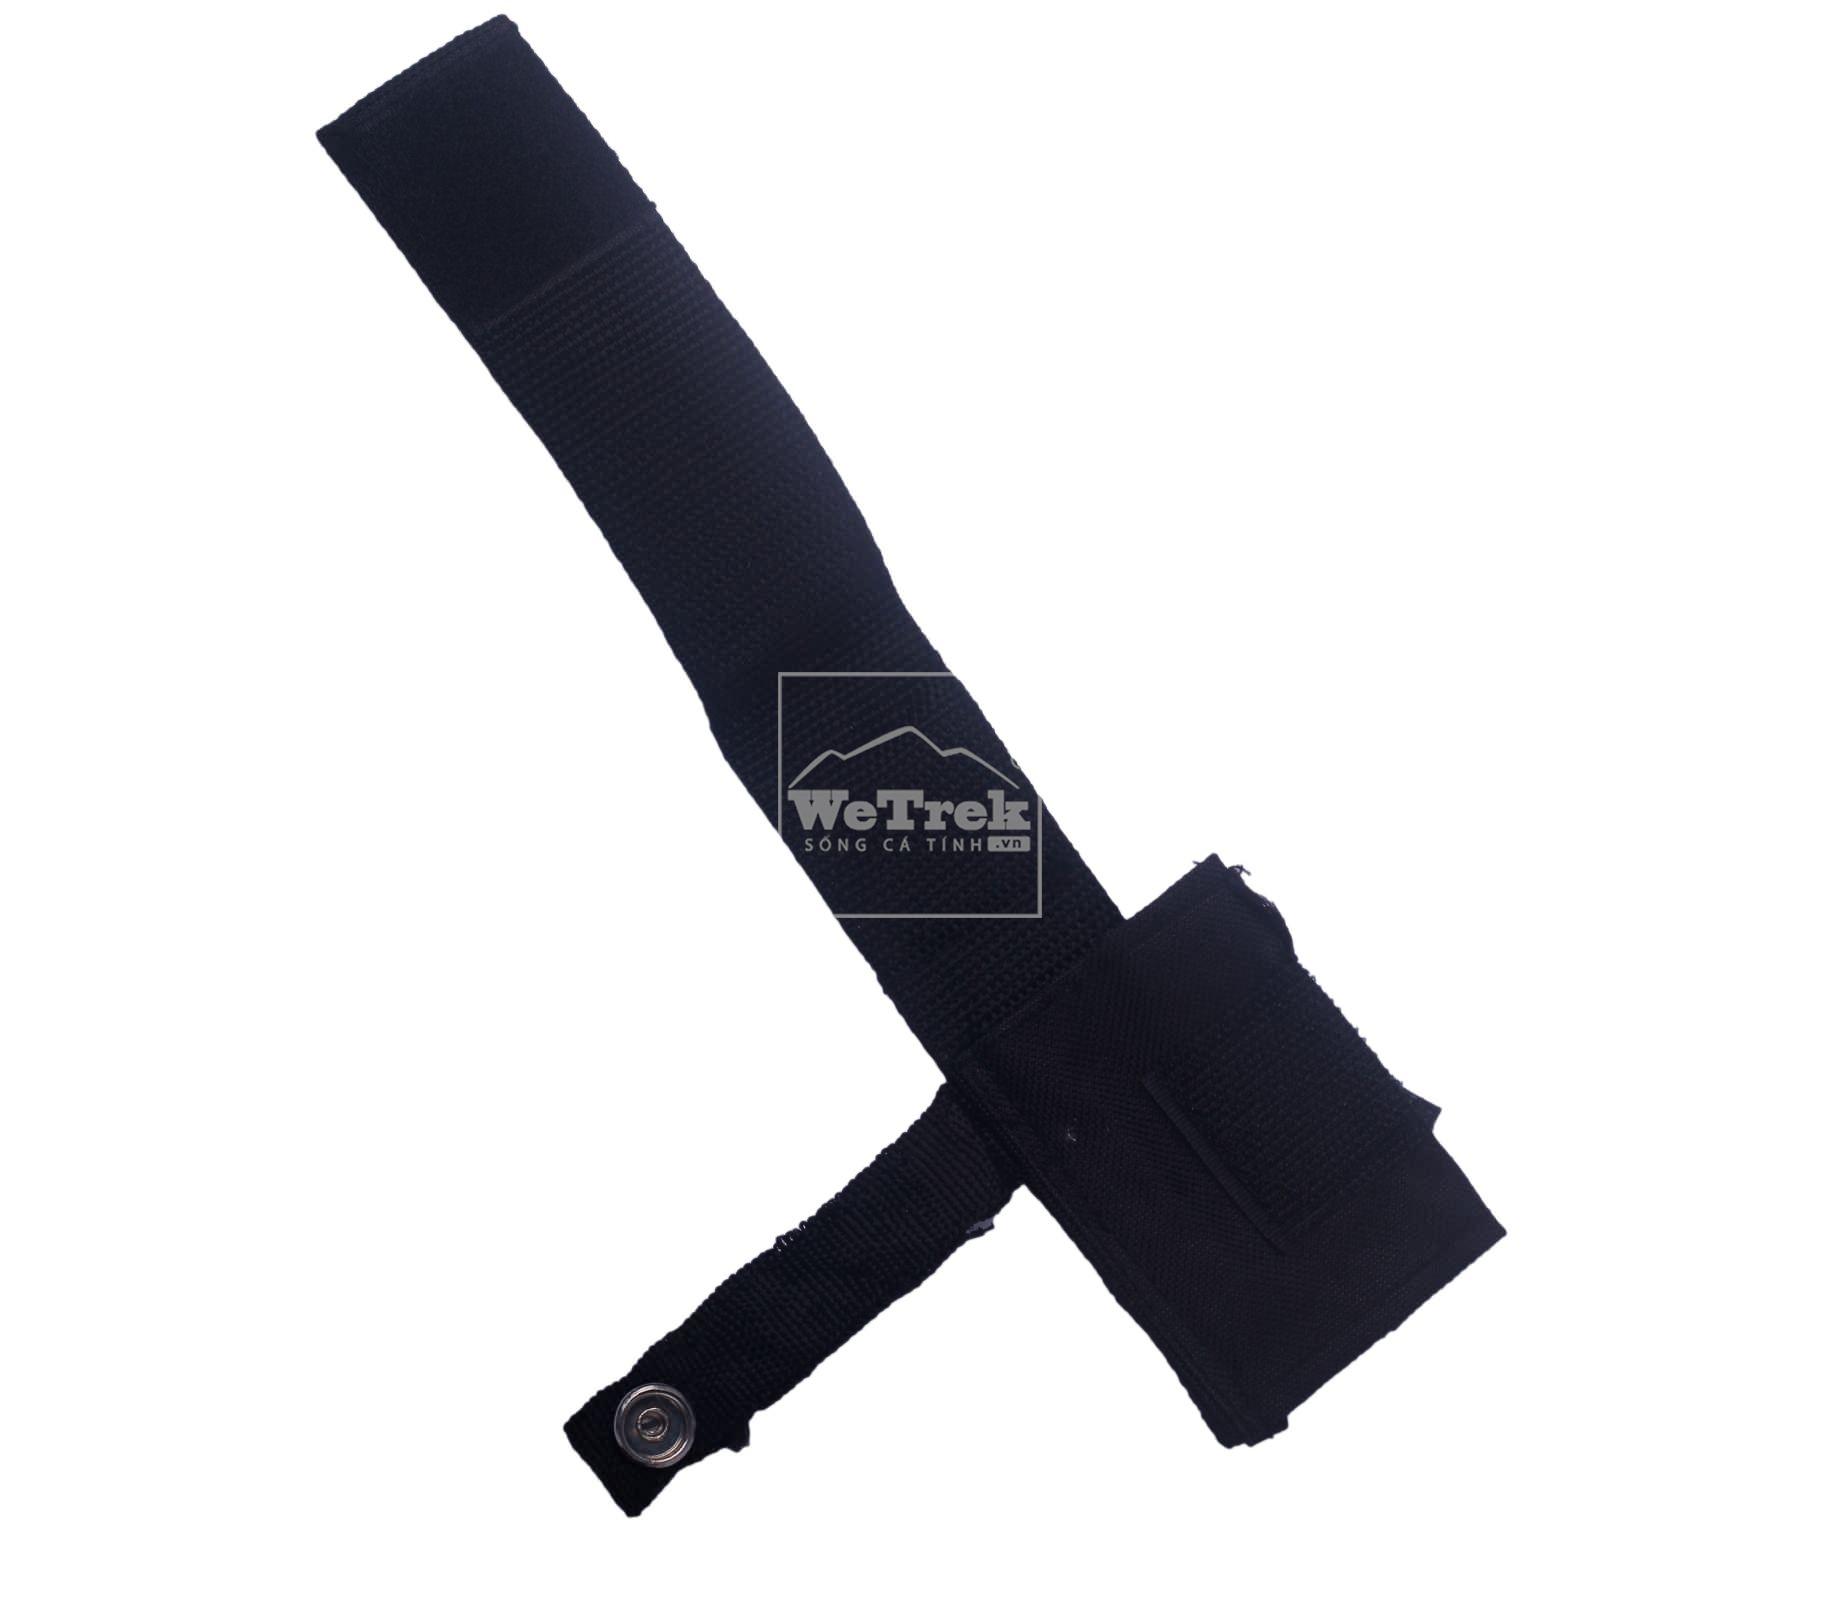 bao-dung-den-pin-3w-ryder-torch-polyester-pouch-k3001-6720-wetrek.vn-2